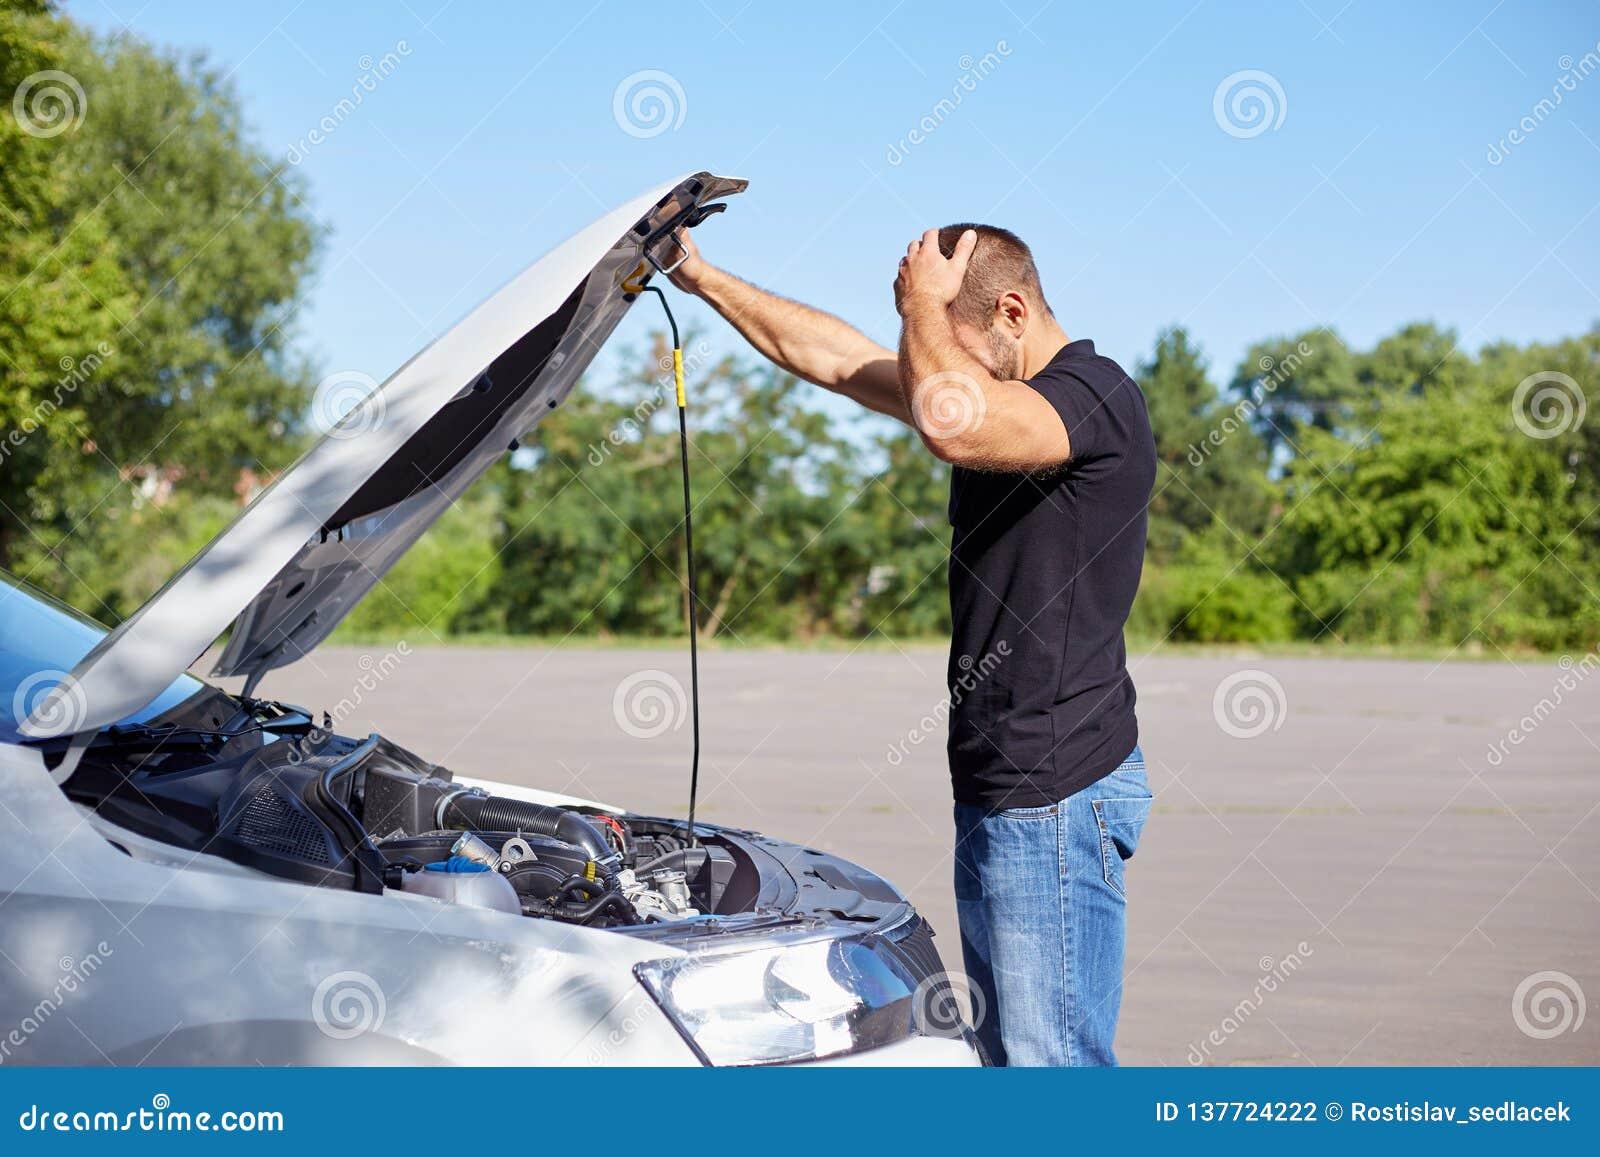 Man standing in front of a broken car